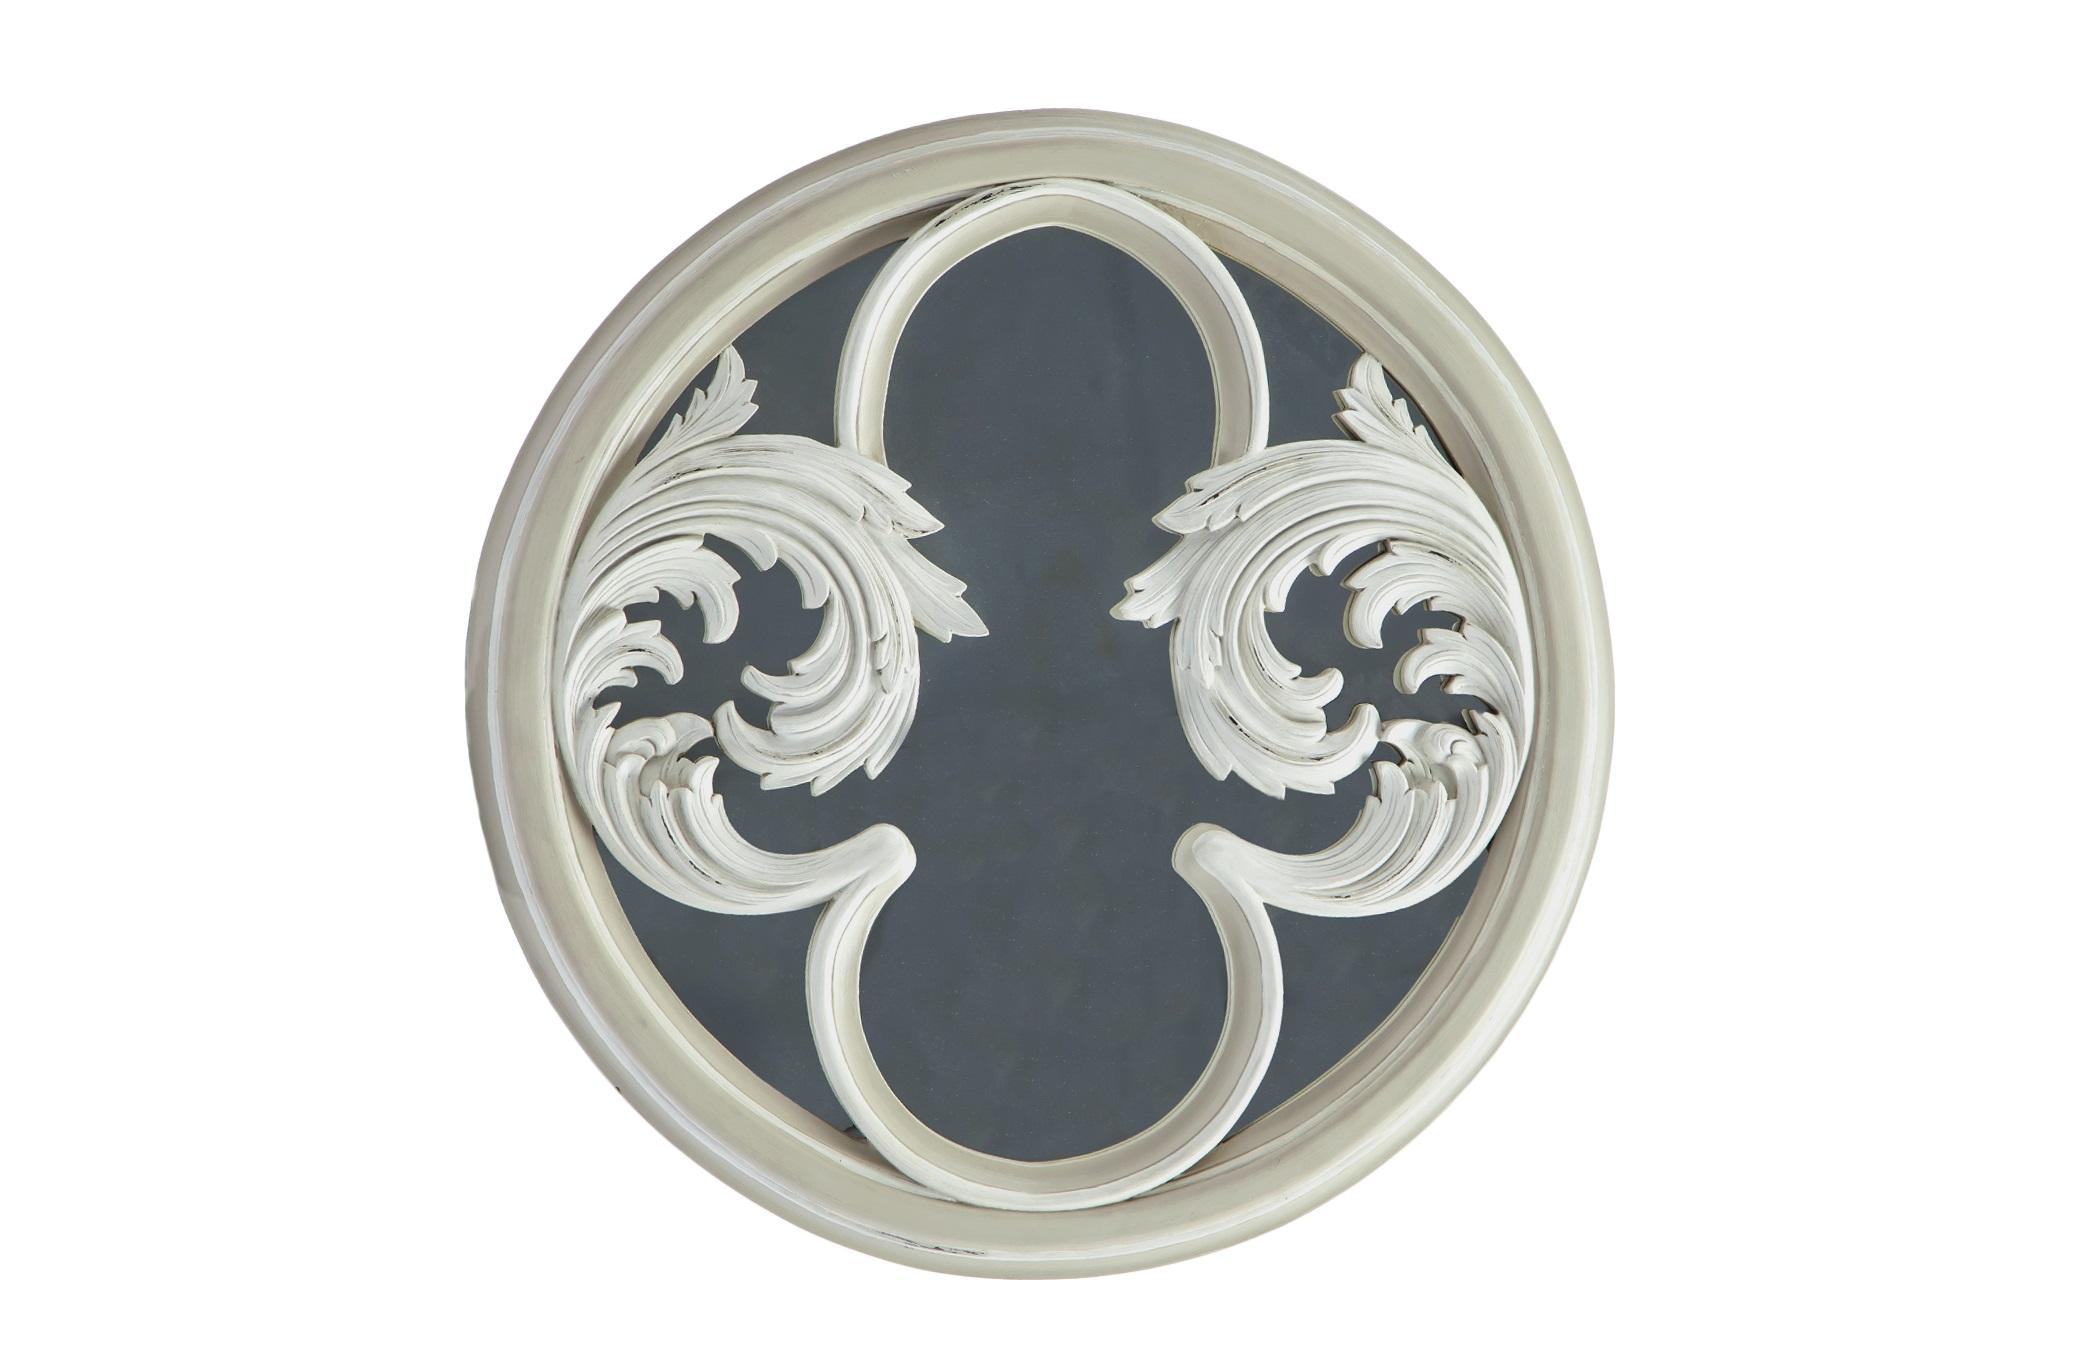 Зеркало Дебюсси ГрандНастенные зеркала<br>Зеркало в круглой раме из дерева махагони с резным декором.<br><br>Material: Красное дерево